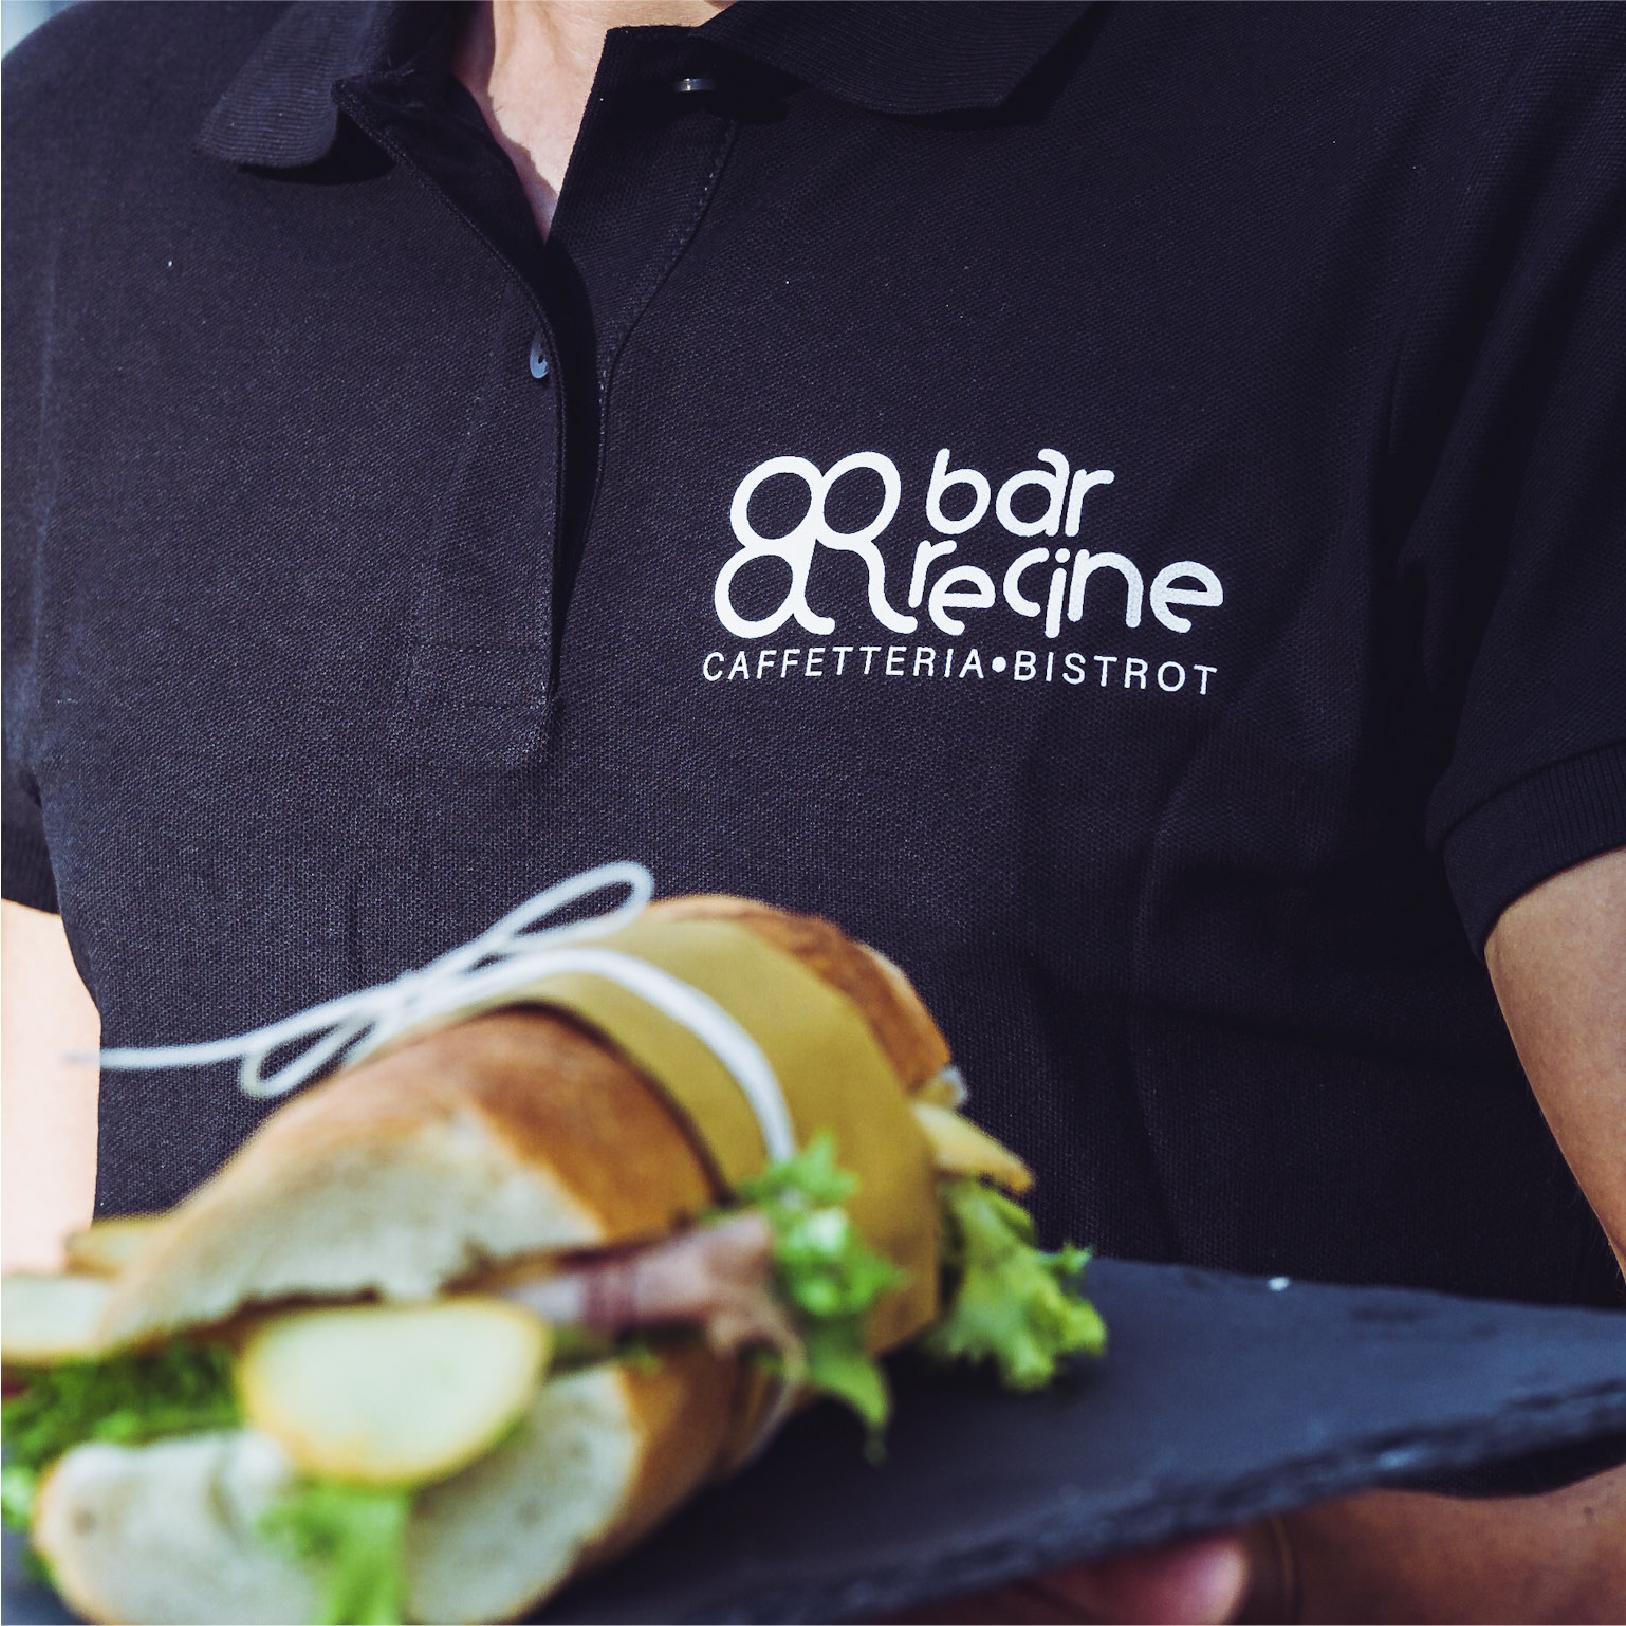 bar_recine_velletri_ristorante_bistrot_enoteca_tabaccheria_hamburgeria_panini_pub_hamburger_pranzo_cena_pollo_carne_vino_pinsa_servizio